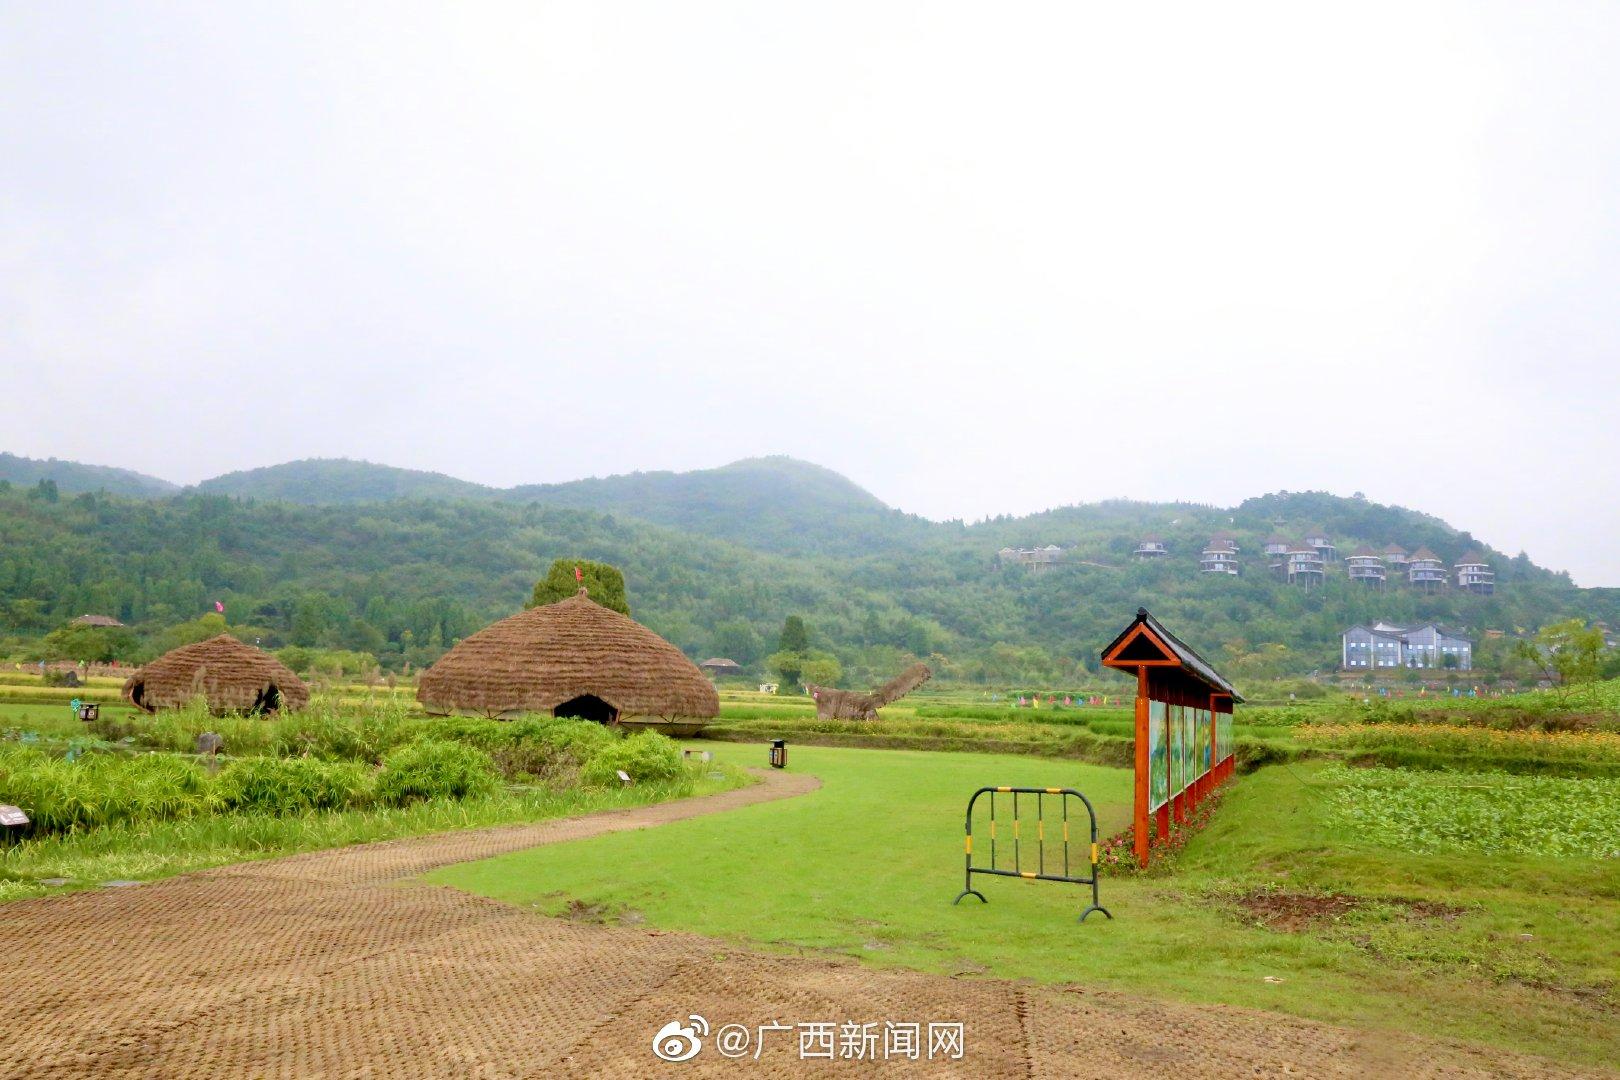 全州大碧头国际旅游度假区:湘桂走廊明珠的康养胜地